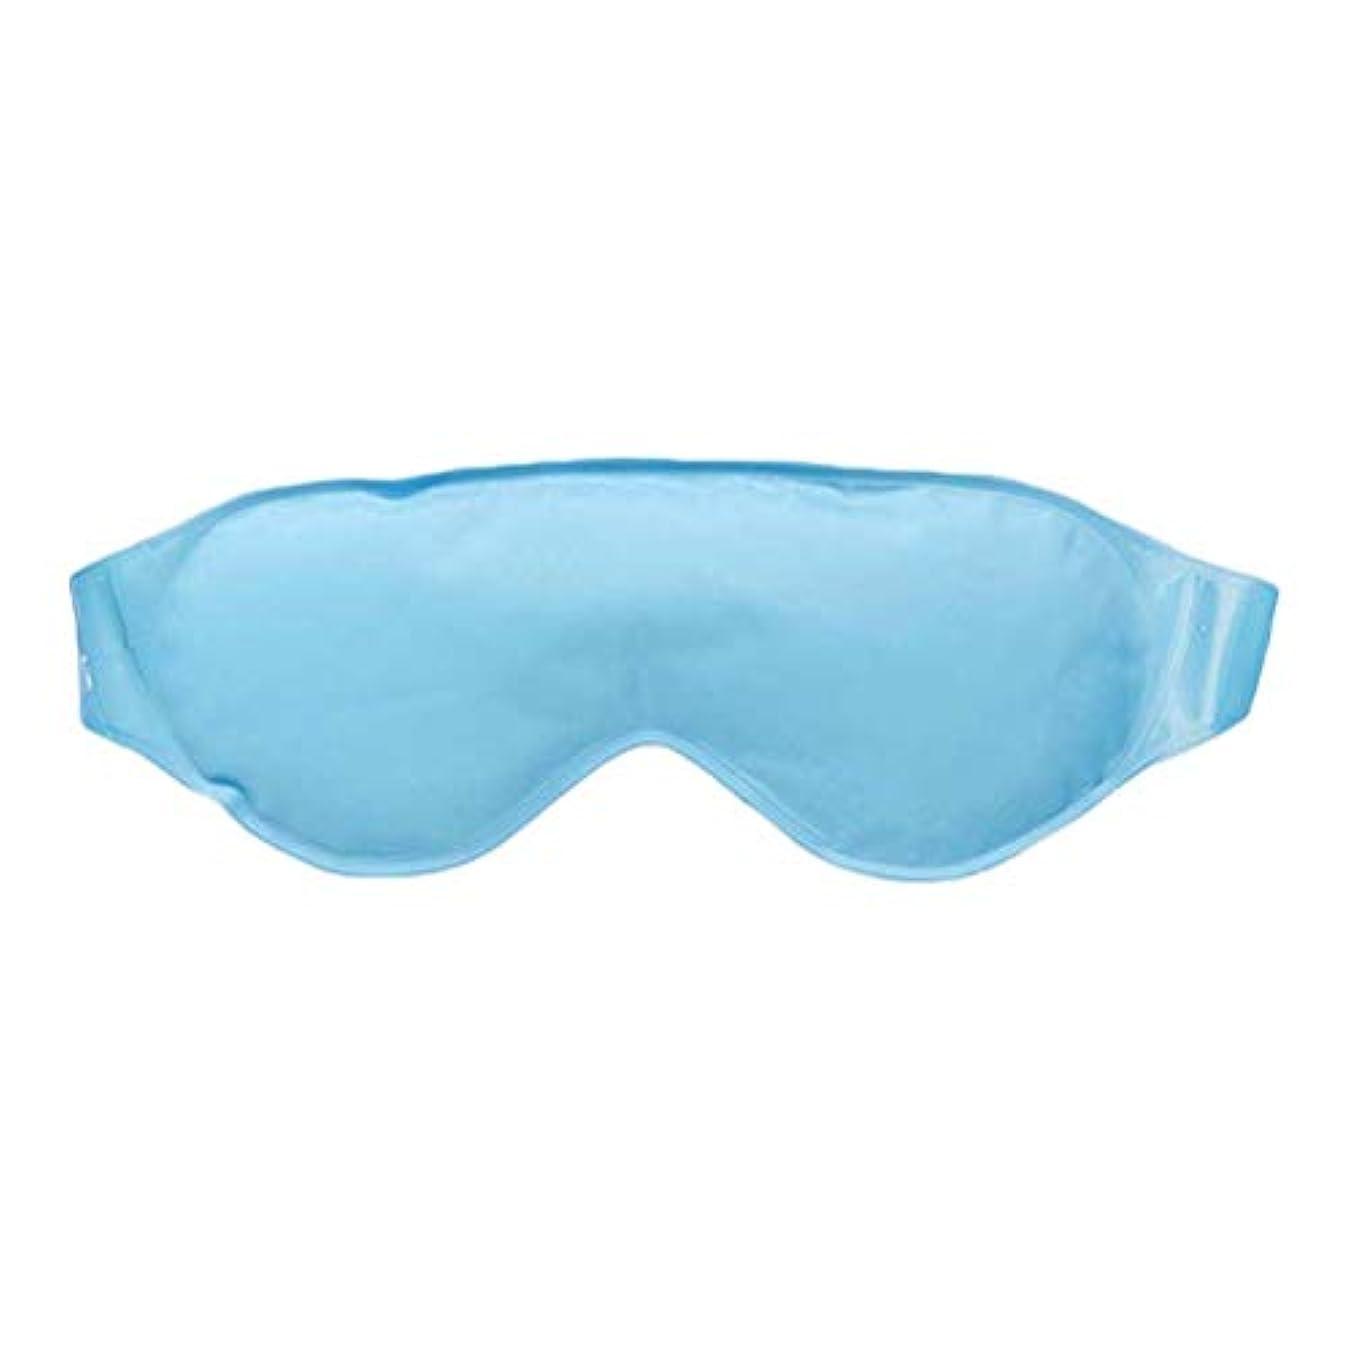 取り戻す動的批判するSUPVOX アイスフェイス物理的冷却アイマスクアイスコンプレッションバッグアイレリーフマスク(ブルー)